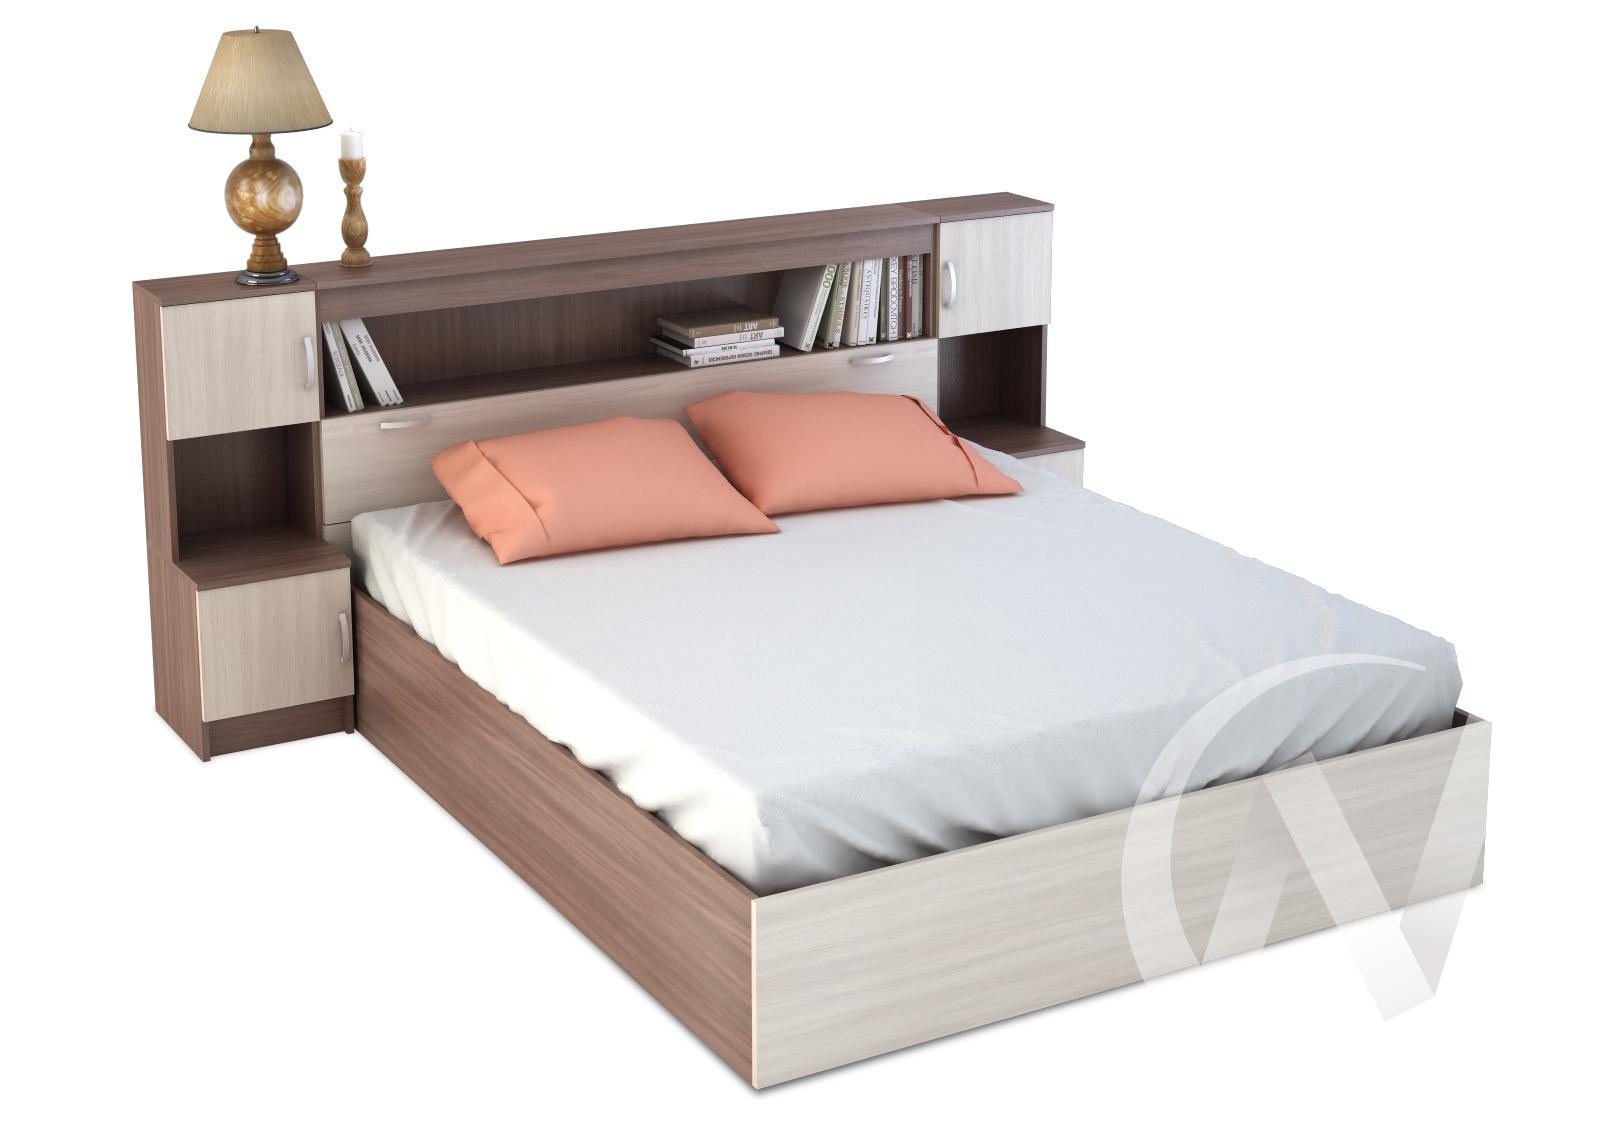 Бася Кровать с закроватным модулем ЛДСП(ясень шимо тем/ясень шимо свет) КР 552